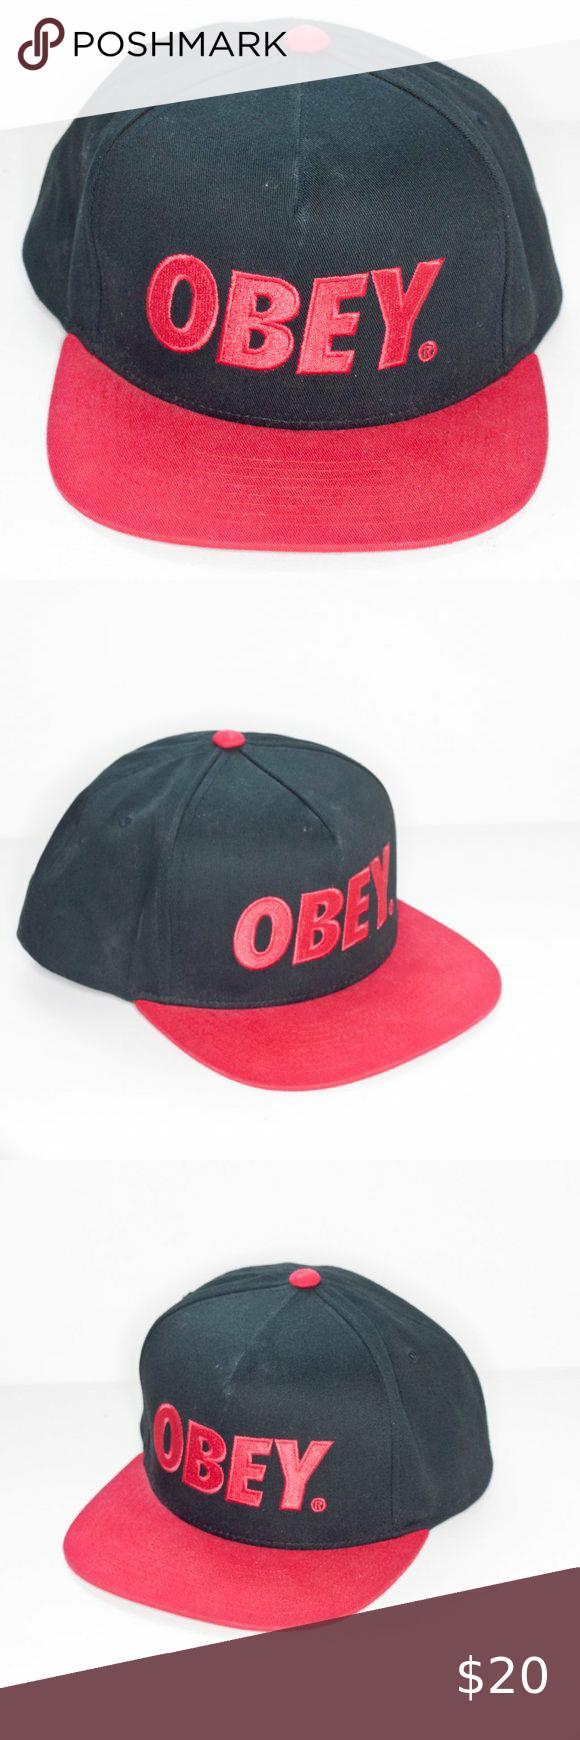 Obey Casquette Yo Street Cool Hats Obey Cap Hats